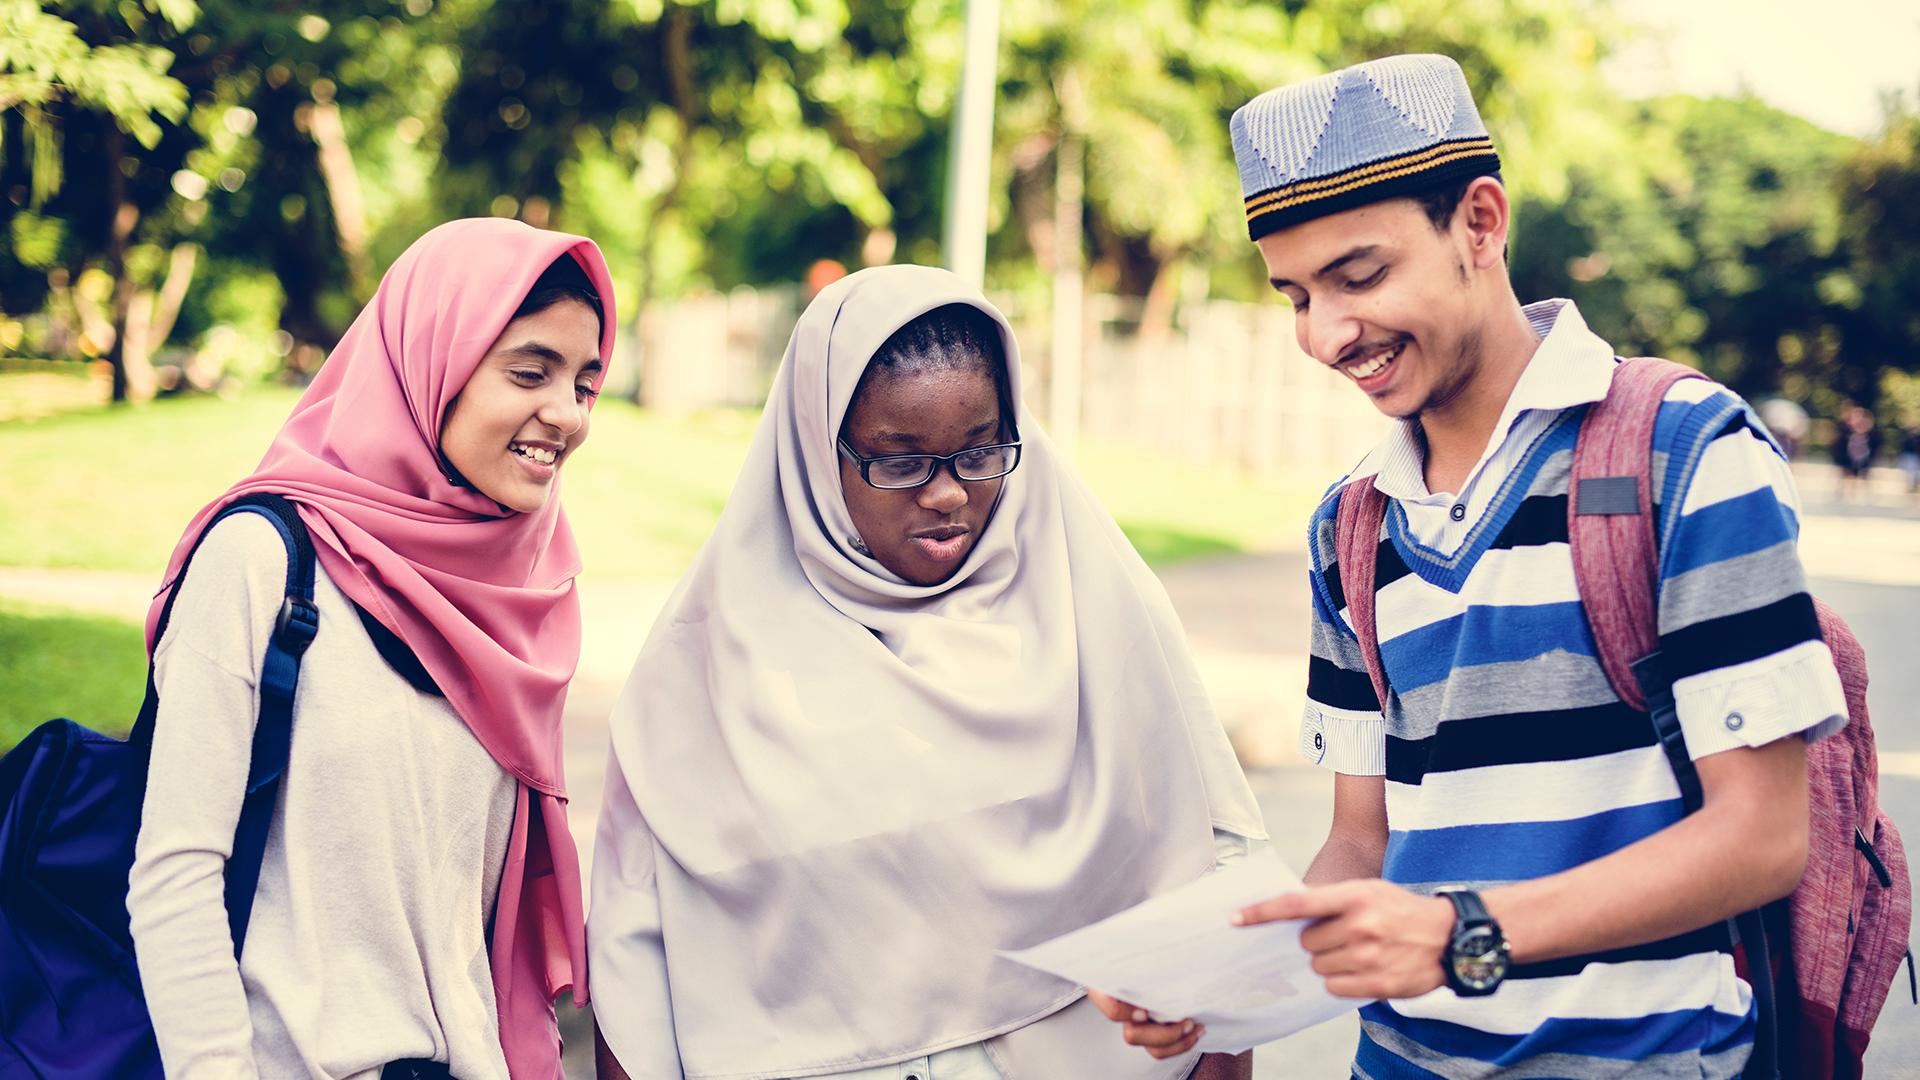 Фотография группы людей, состоящей из двух молодых женщин в хиджабах и молодого мужчины в шляпе, которые смотрят на лист бумаги.